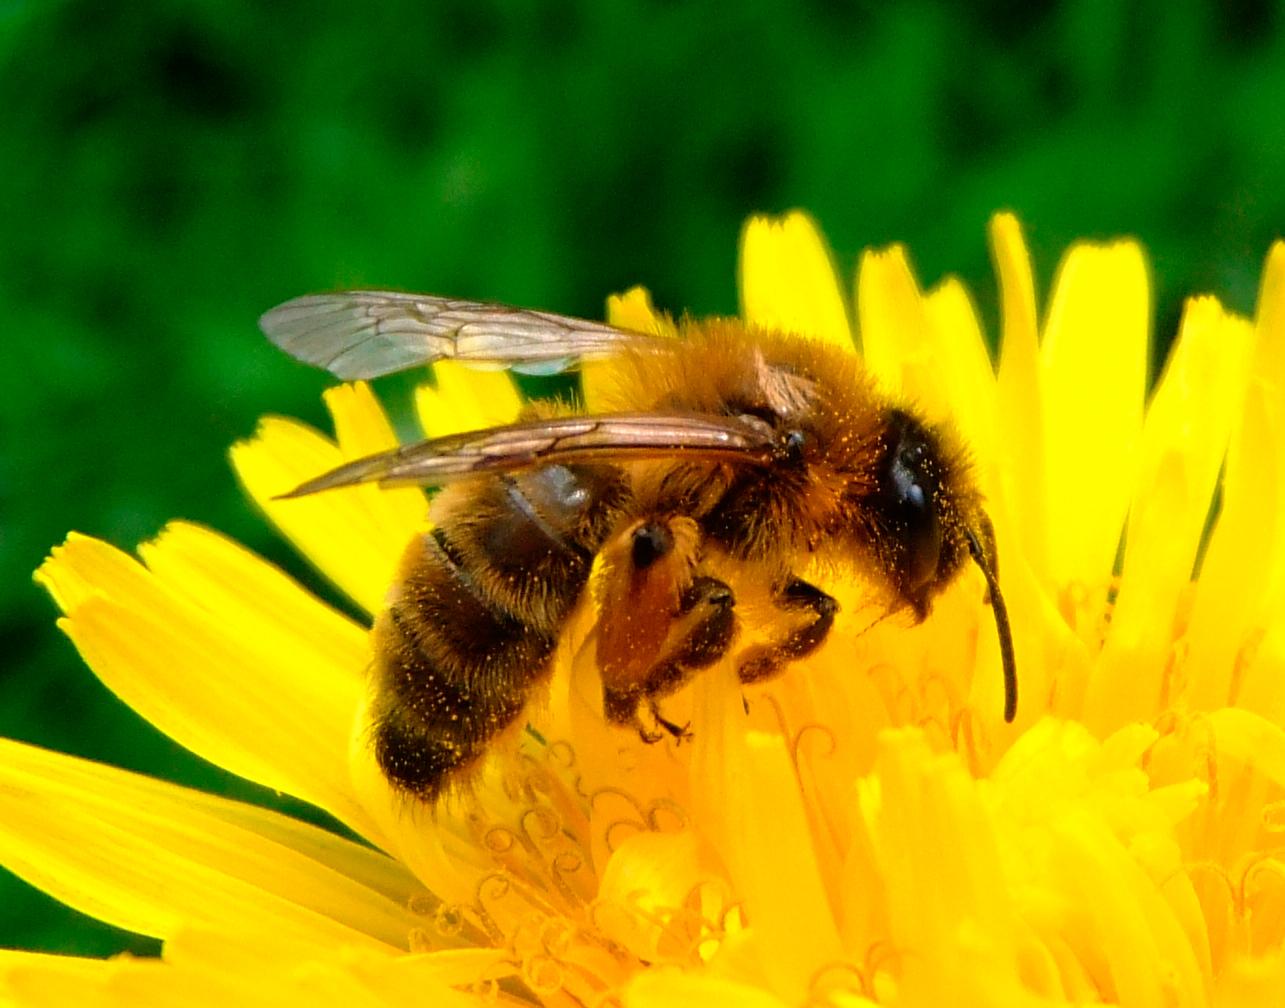 18 février 2020- L'abeille, la ruche, l'apiculteur